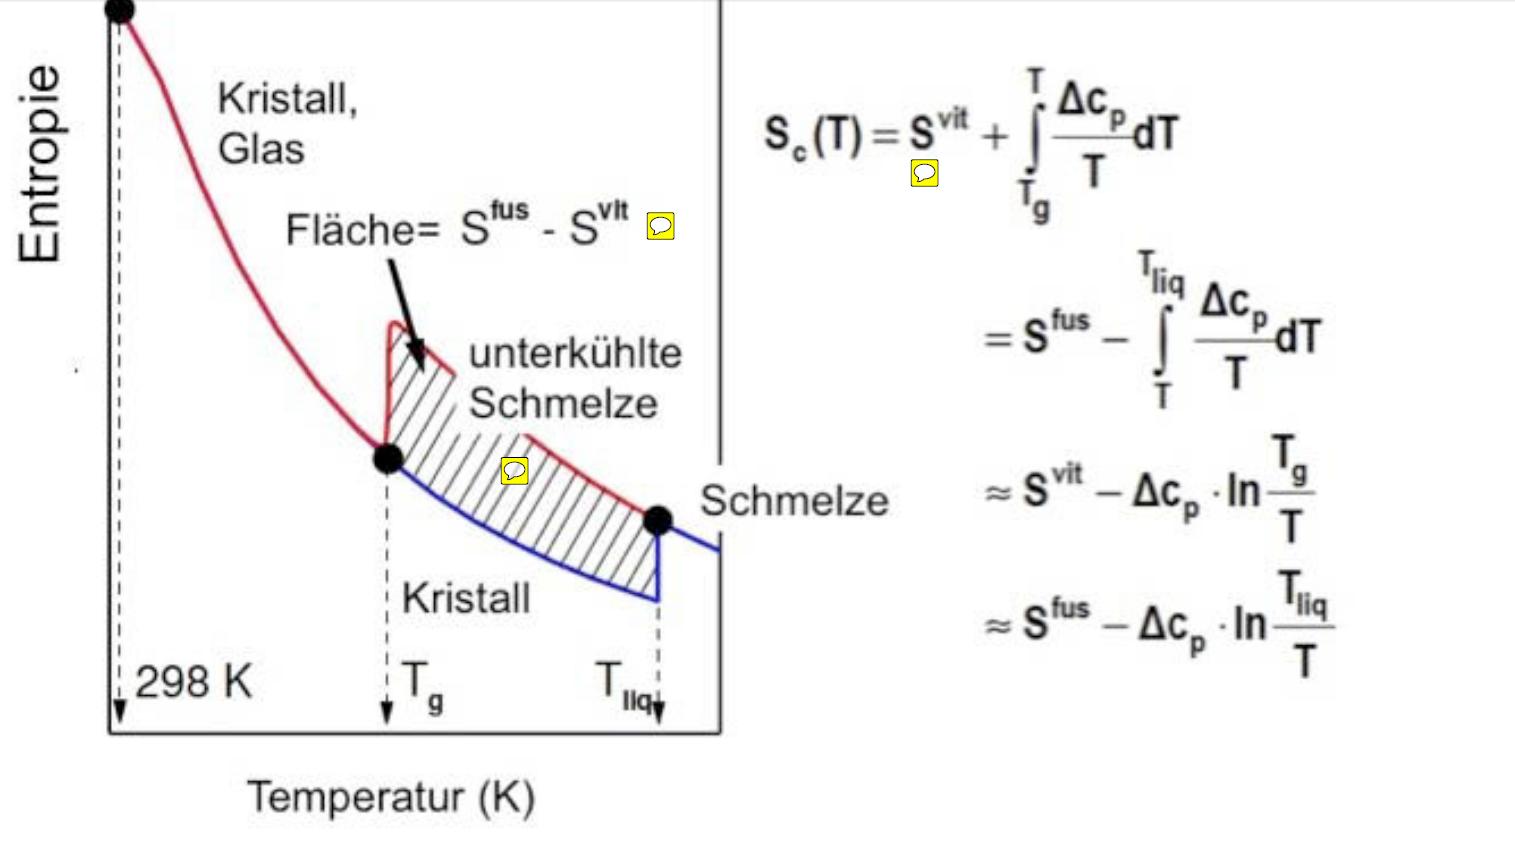 Entropie-Temperatur diagramm von Glas/Kristallen